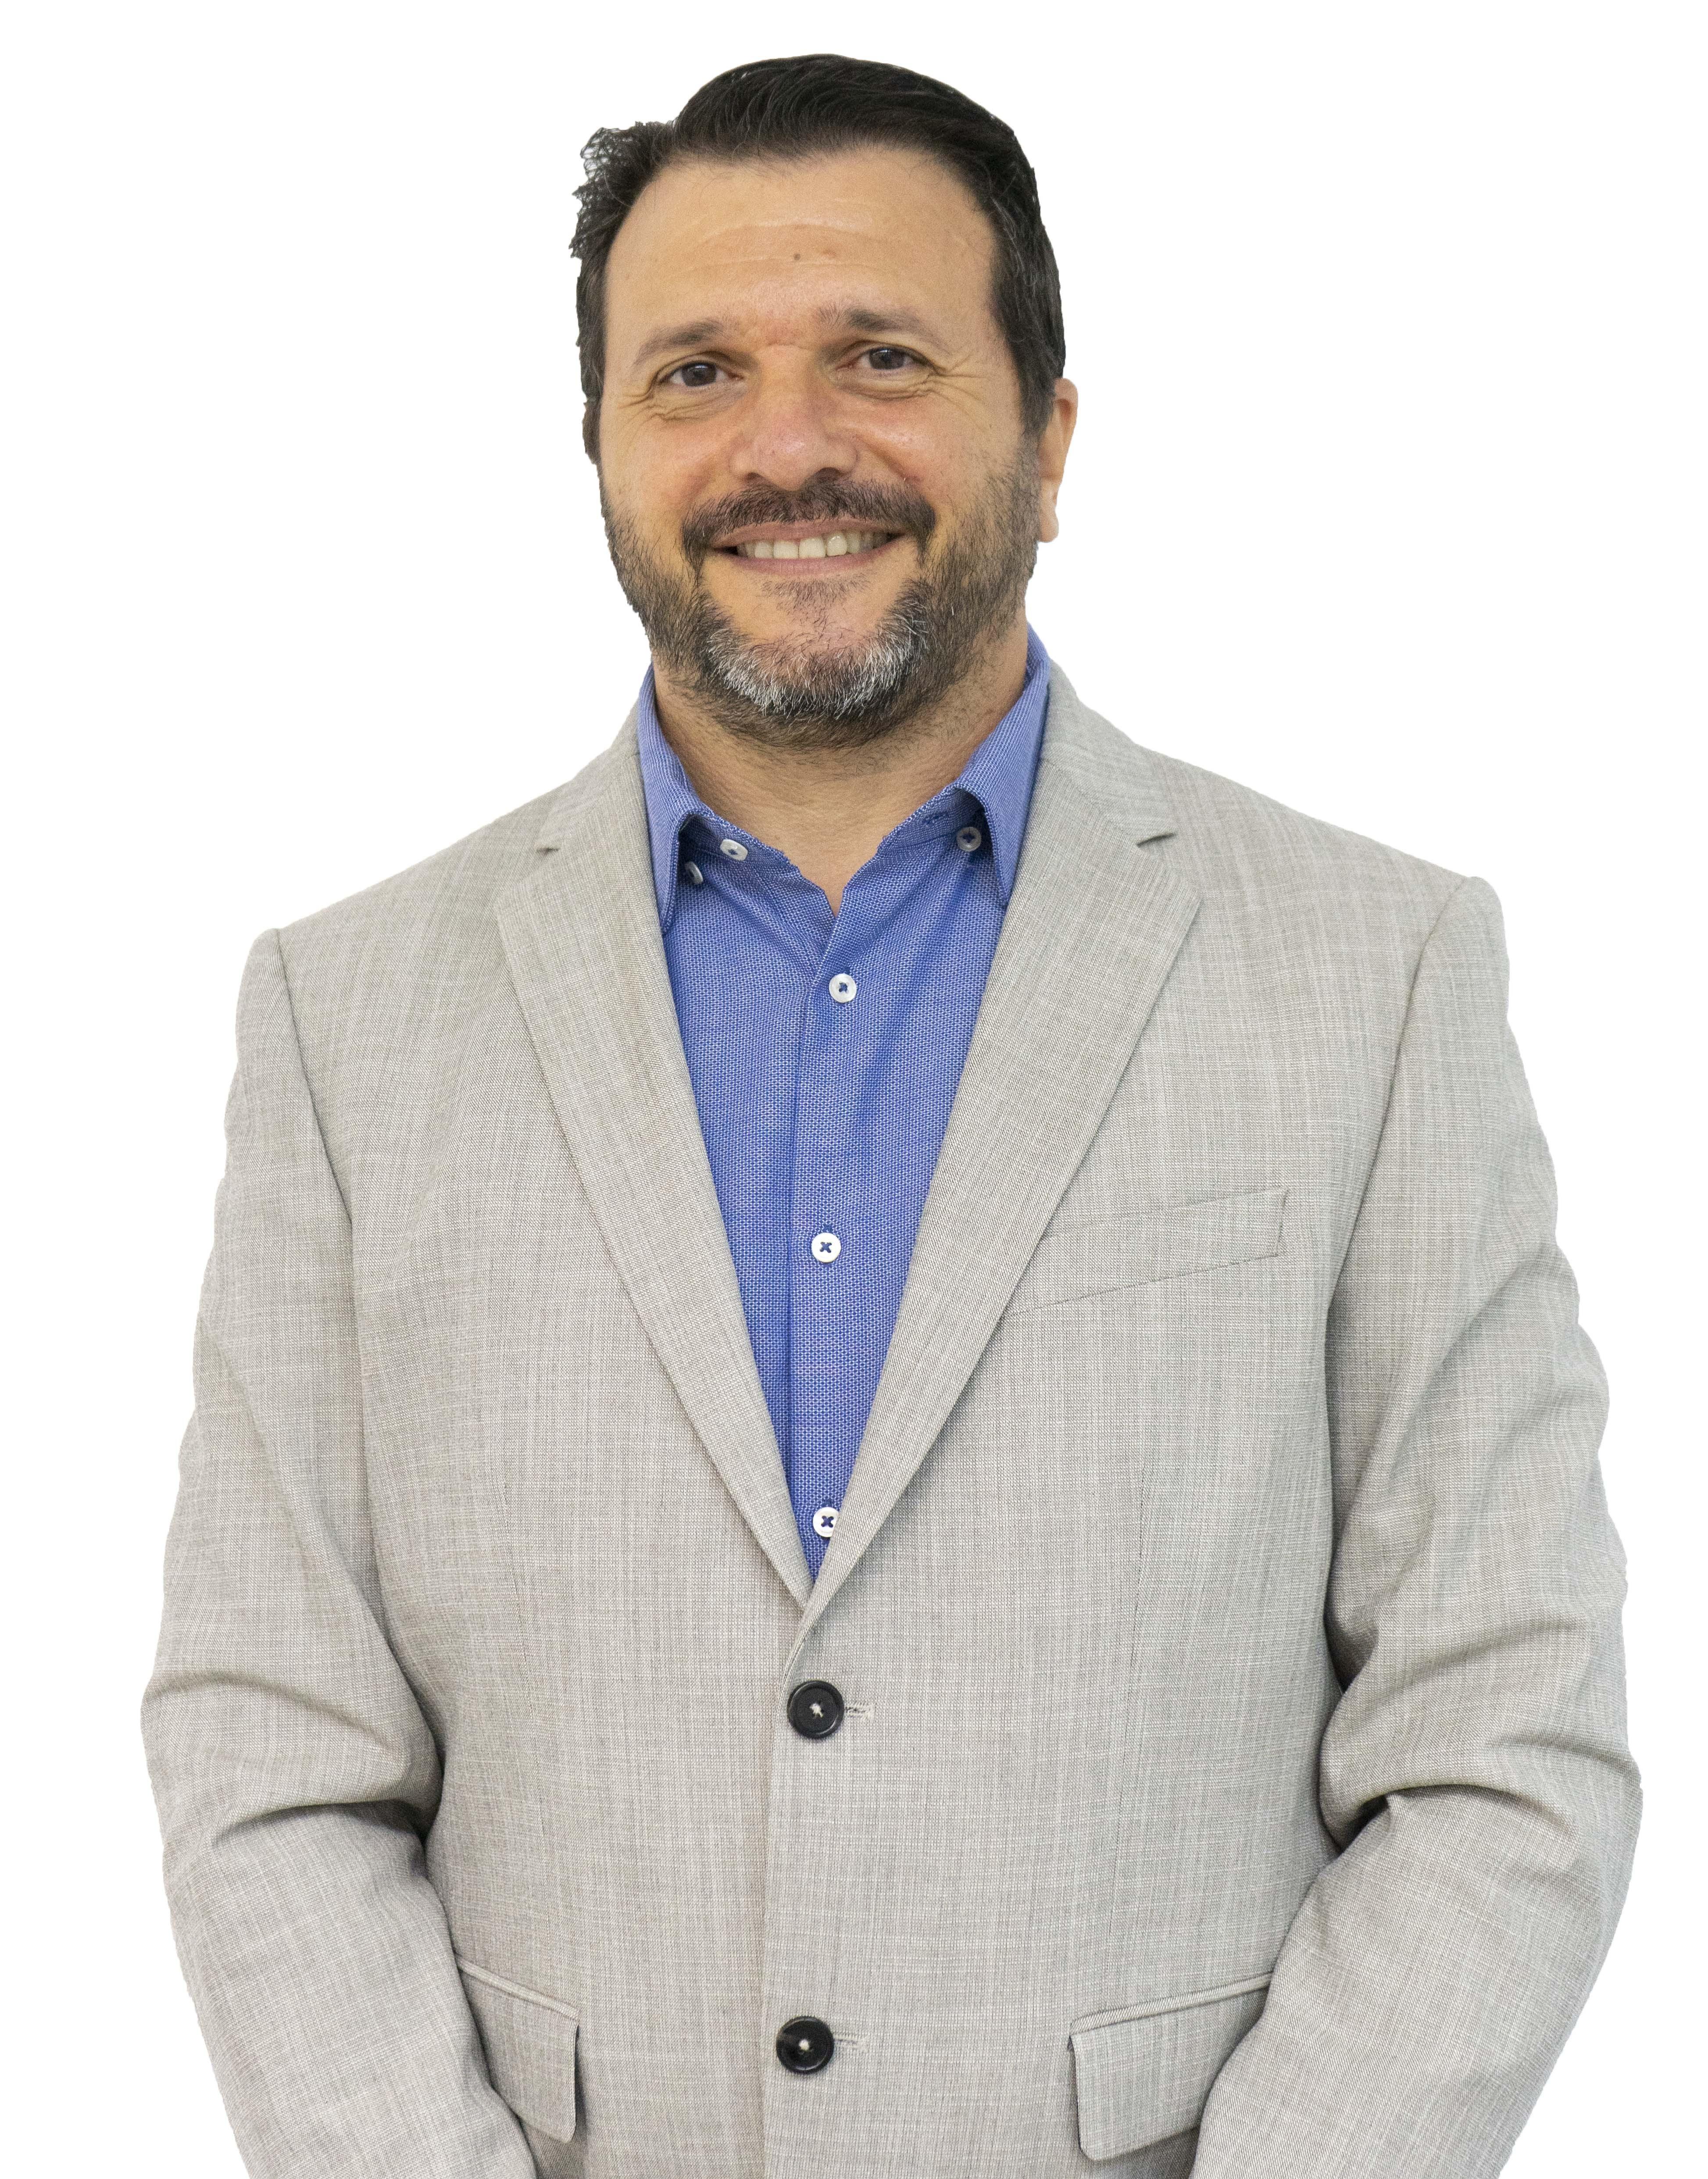 Victor Oscar Delio